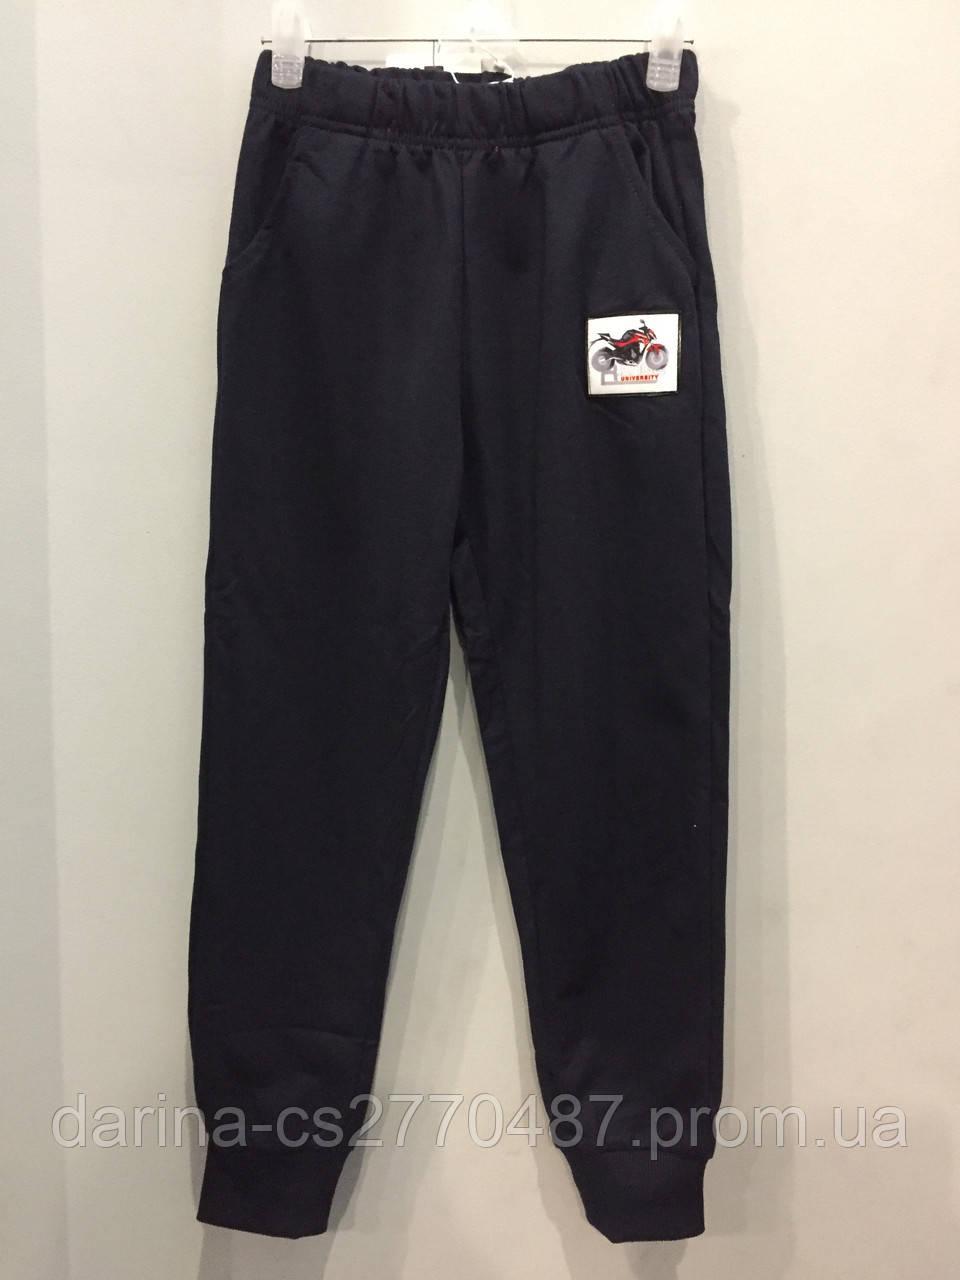 Спортивные штаны с принтом для мальчика 128 см